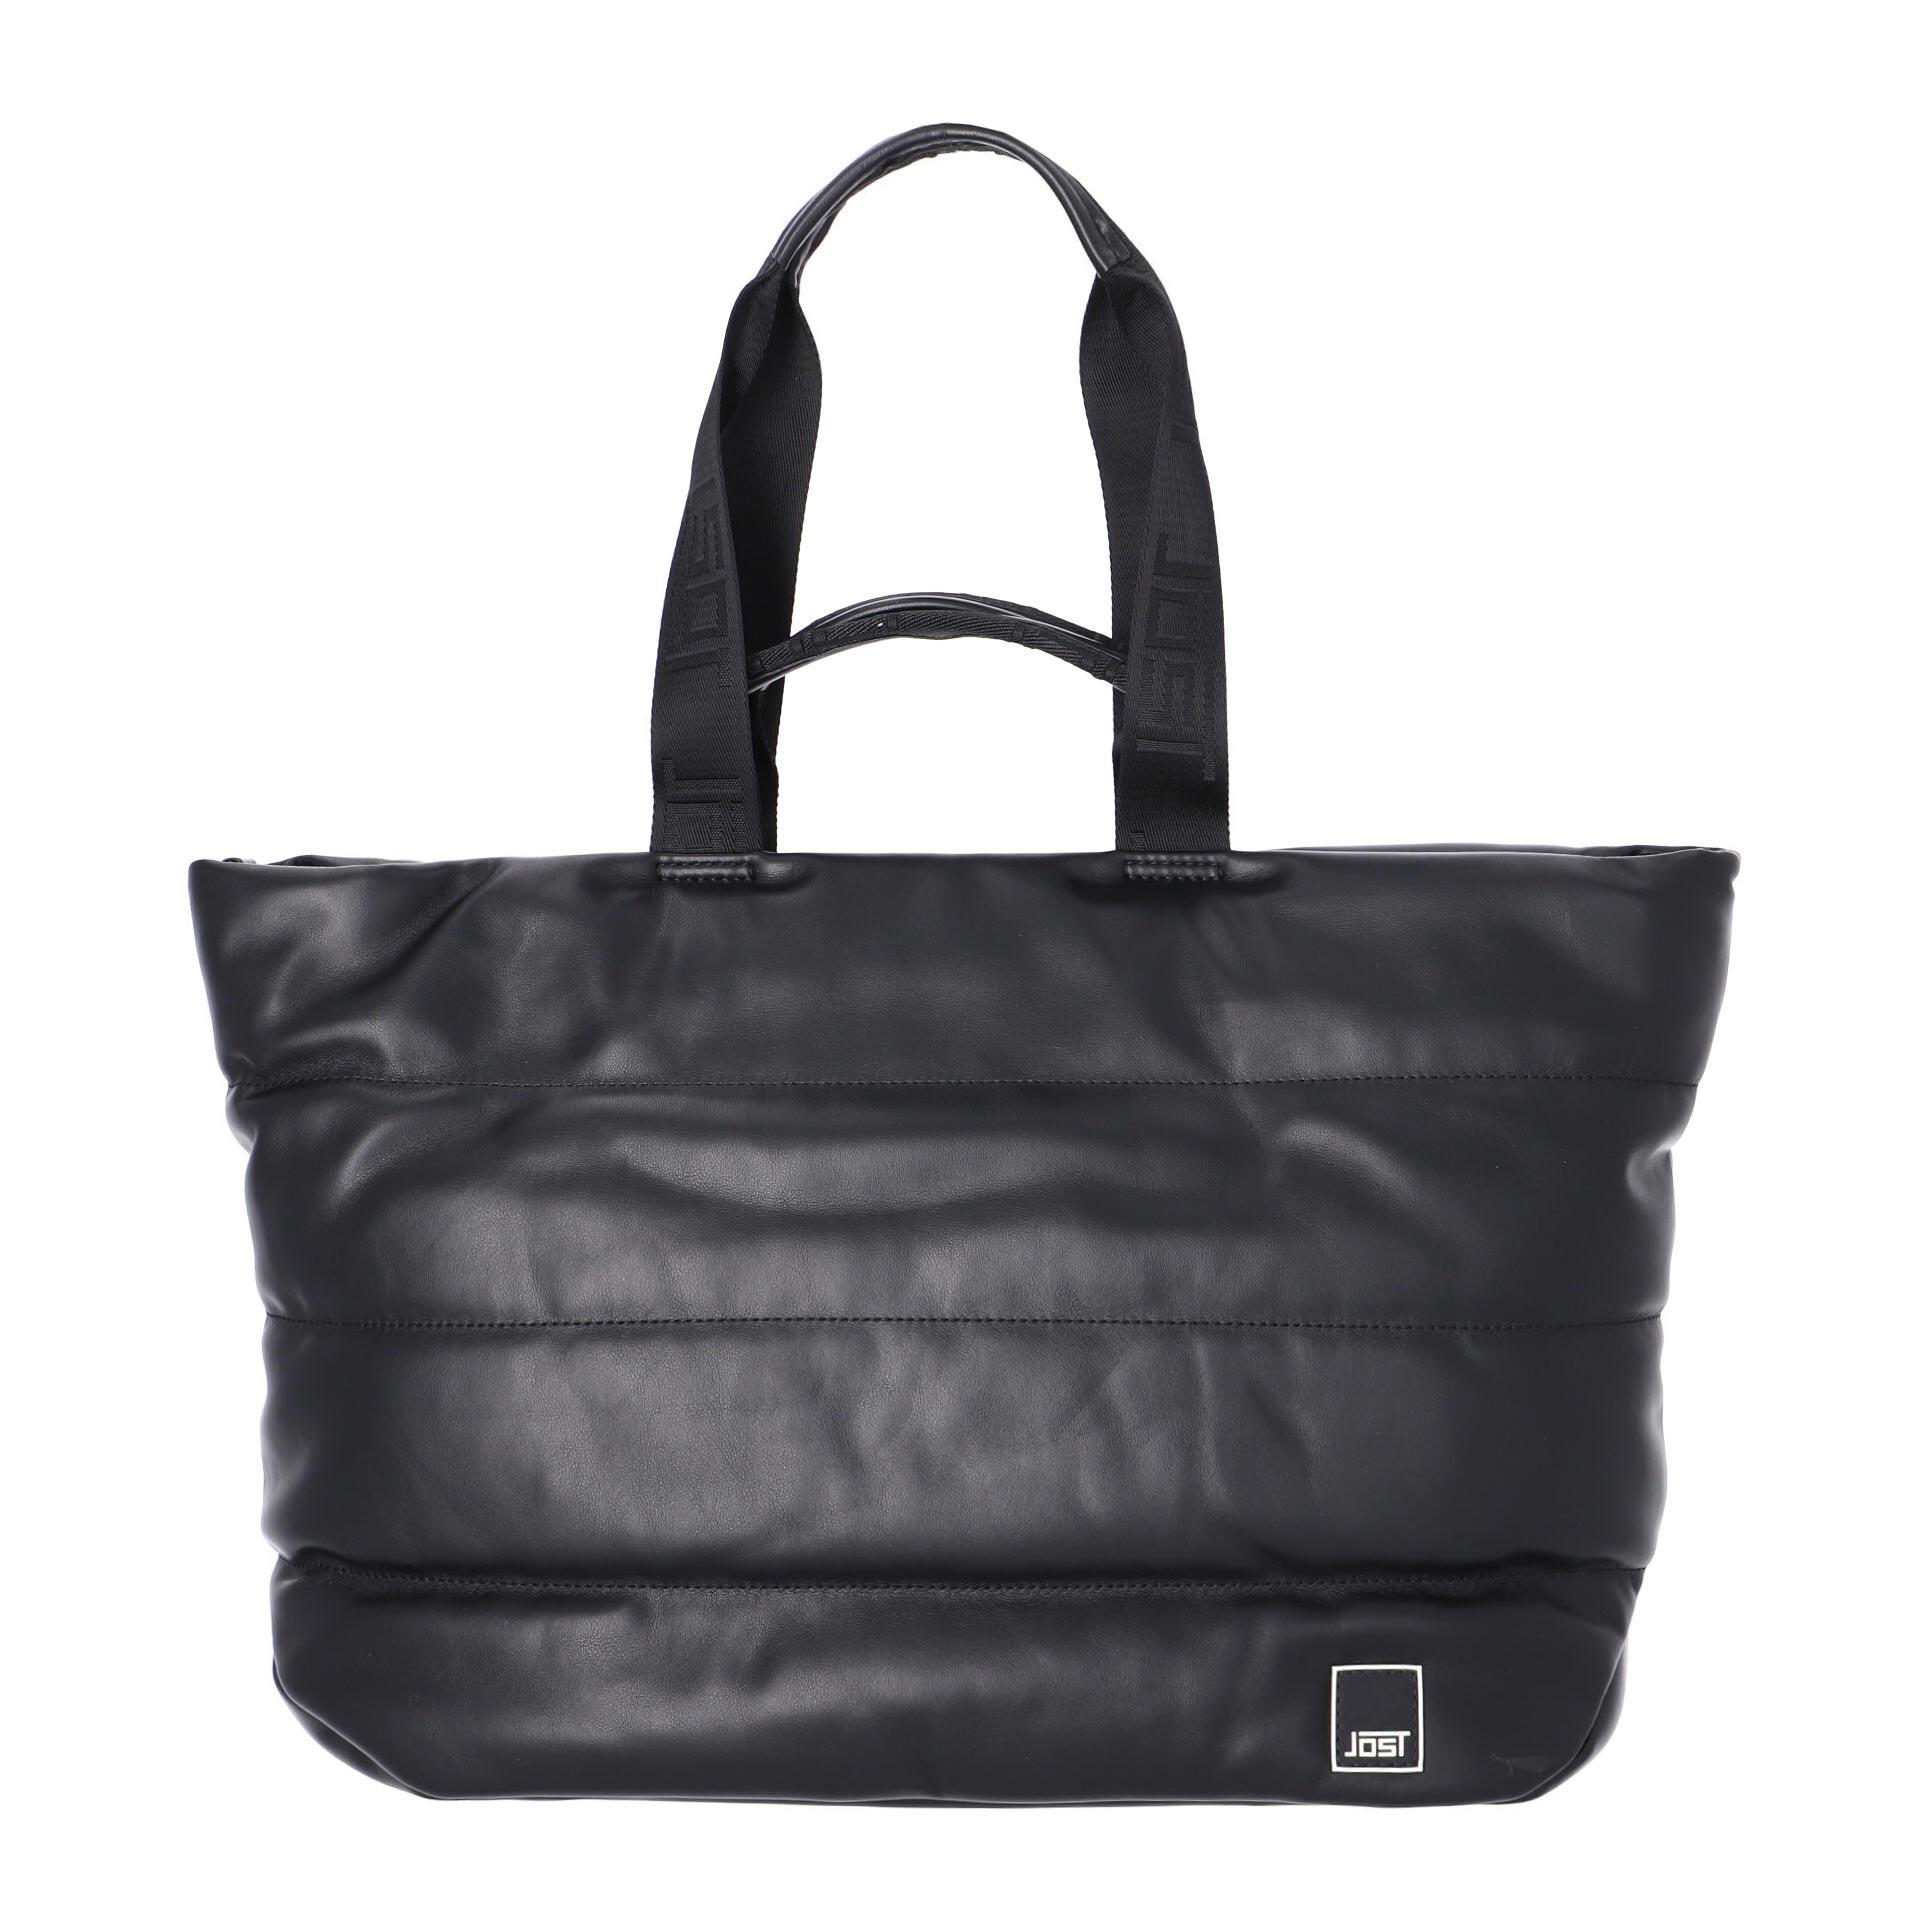 Jost Kaarina Shopper aus Recycling Material black